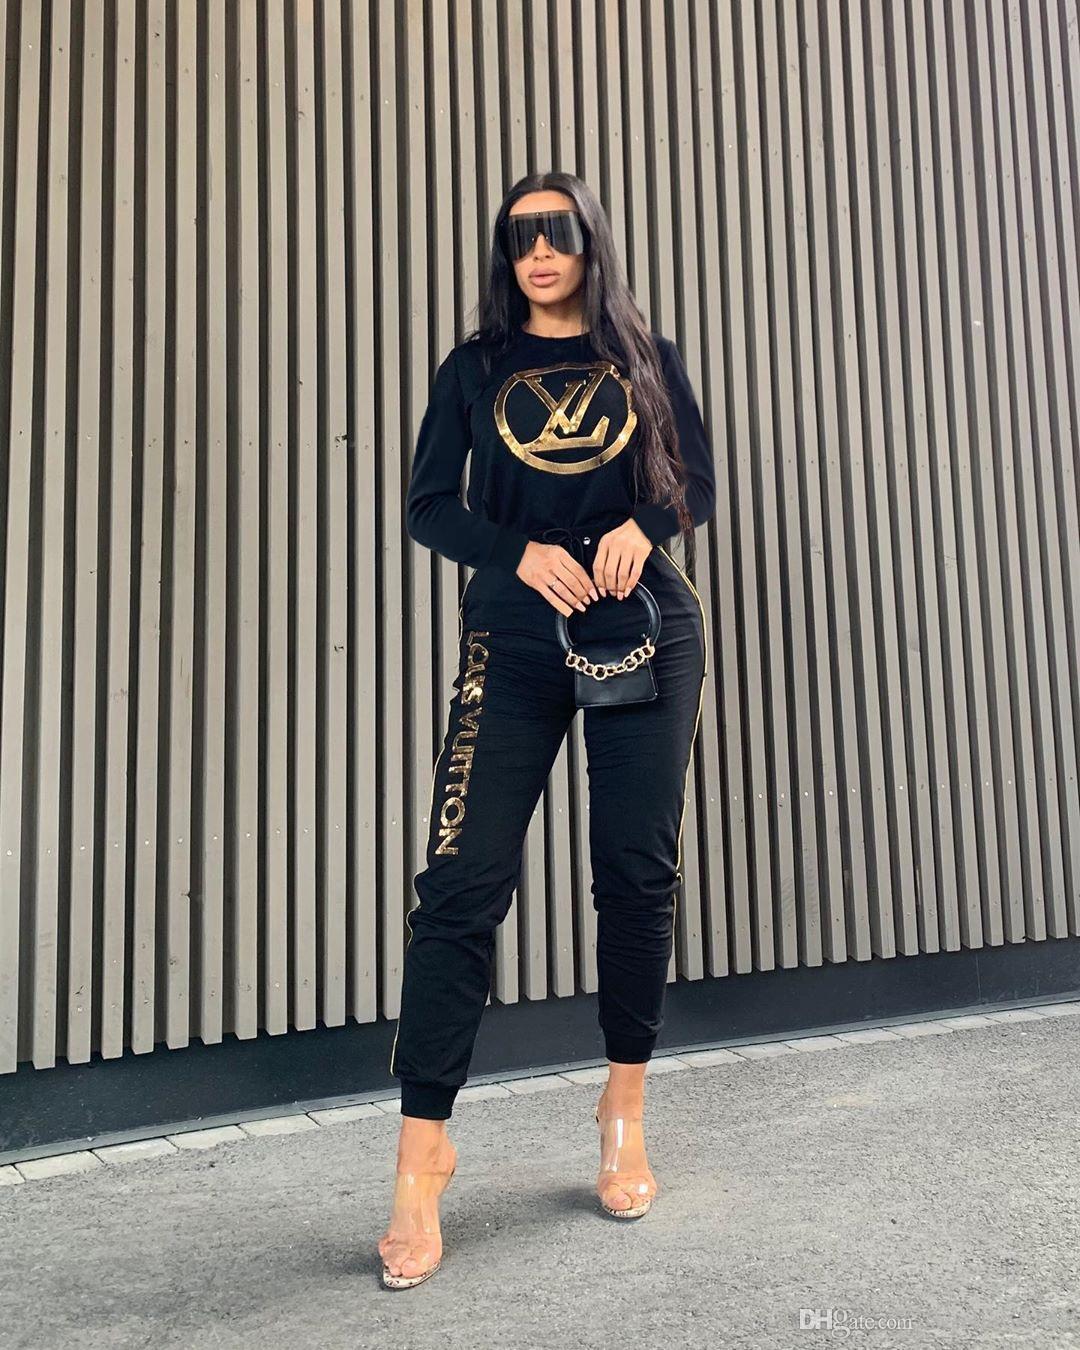 femmes nouvelles de mode vêtements de sport occasionnels pollover veste zippée et un pantalon deux tenues de pièce fixe dessus de Survêtements